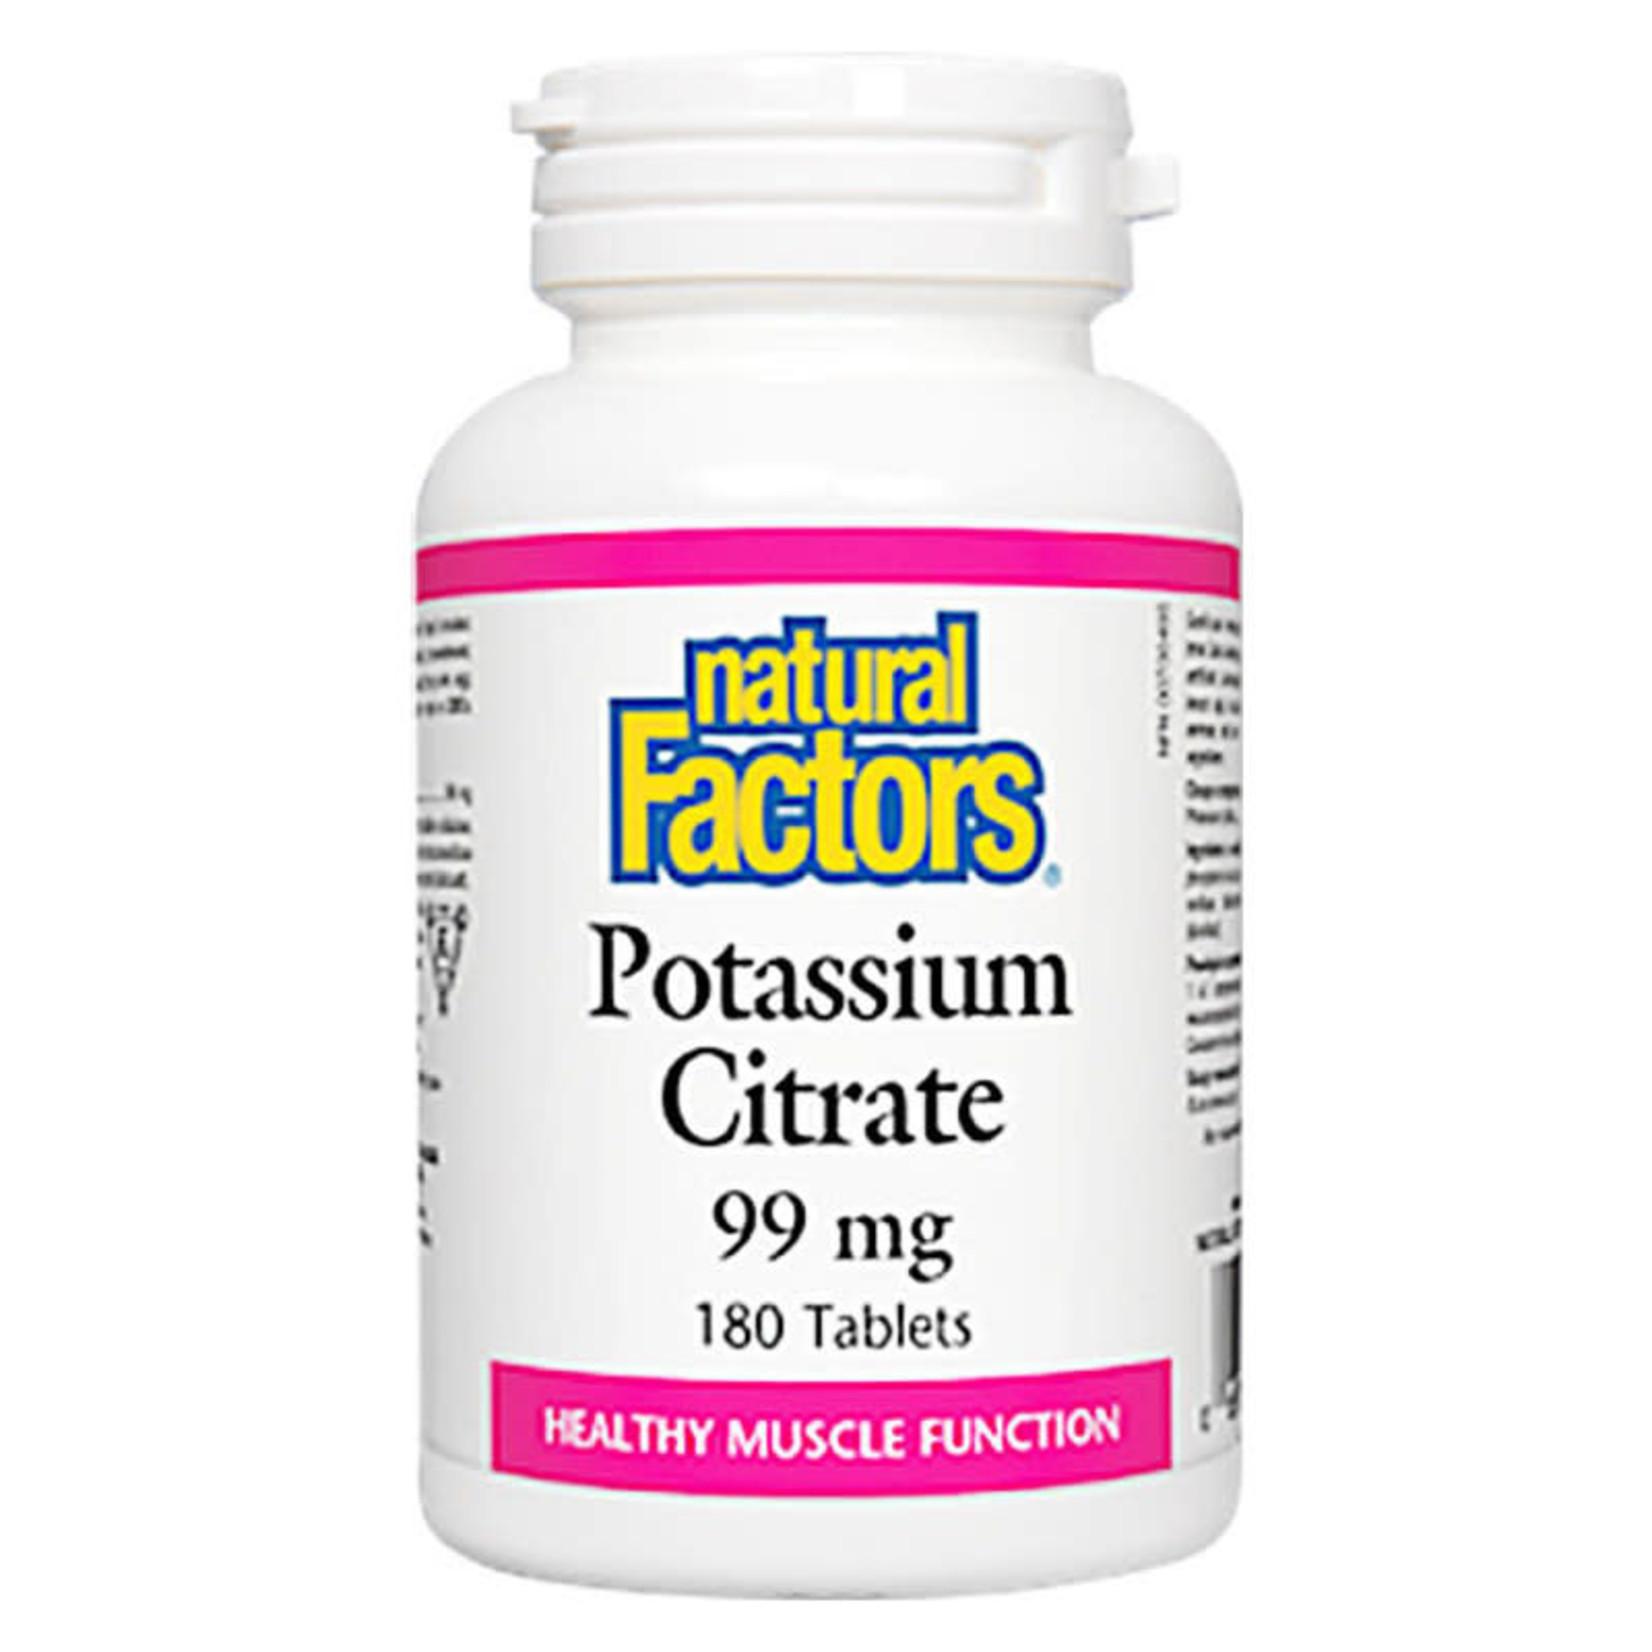 Natural Factors Natural Factors Potassium Citrate 99 mg 180 tabs